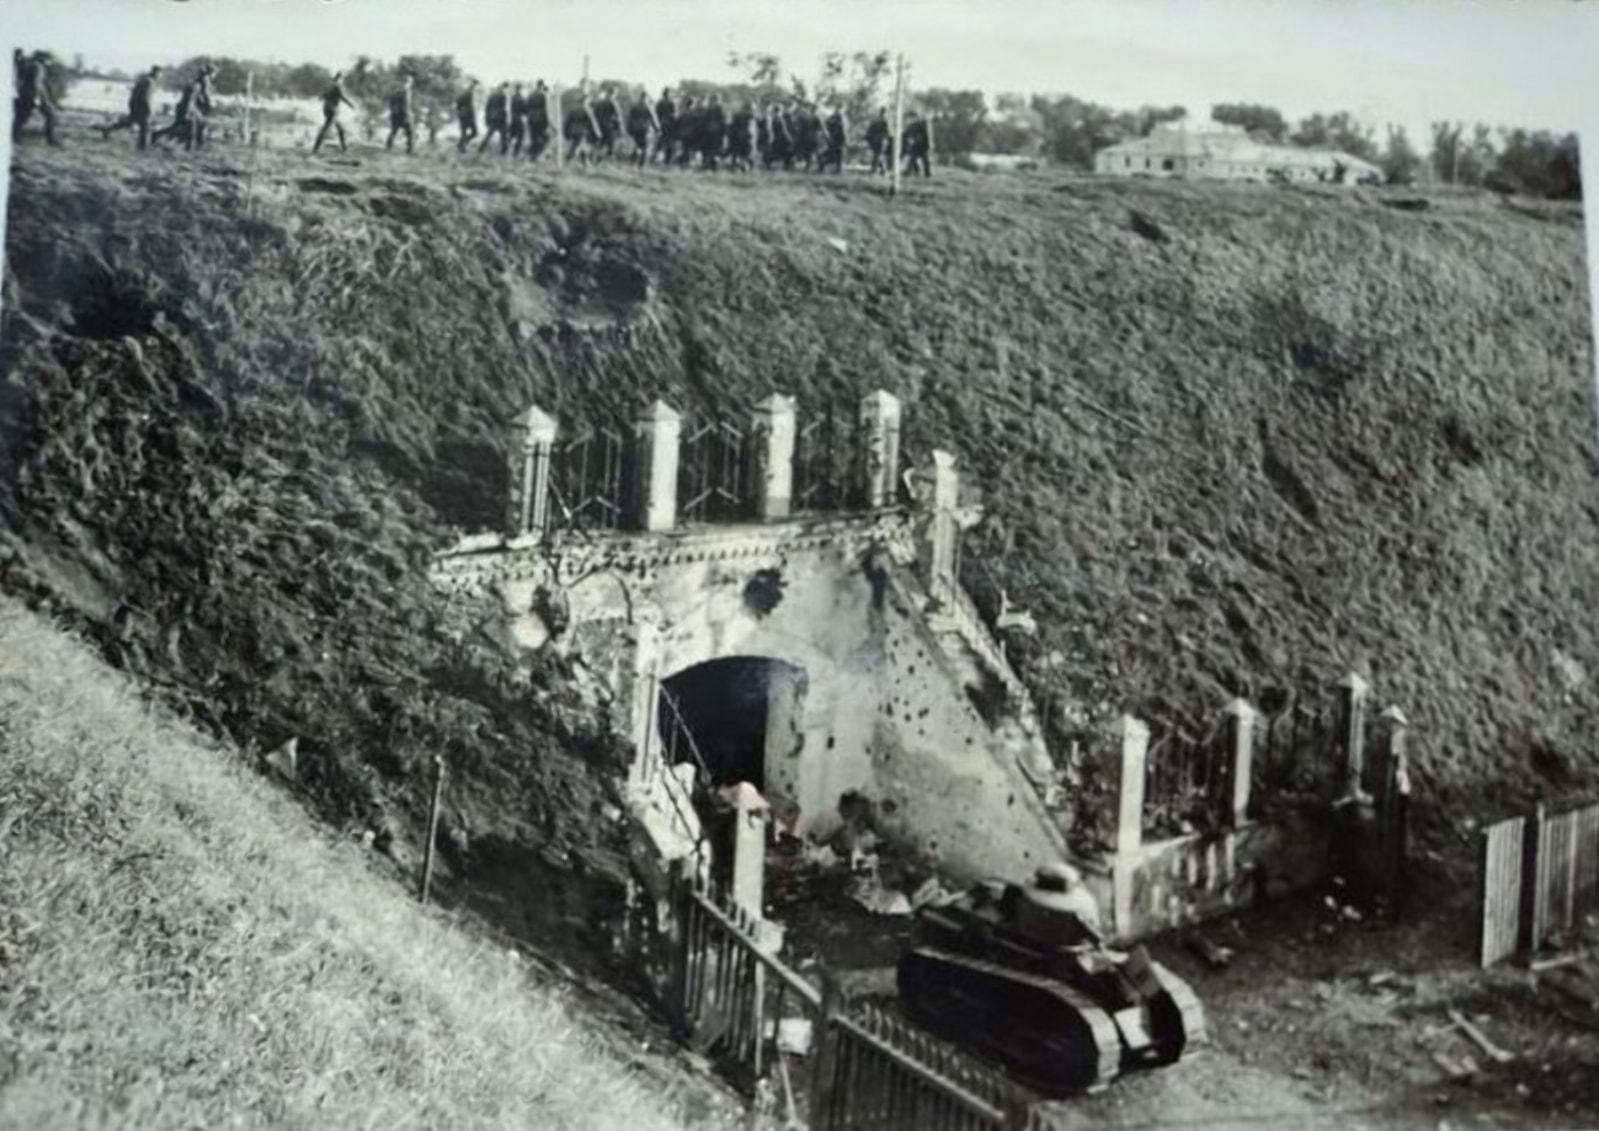 Польские устаревшие танки были пригодны лишь как помеха для проезда